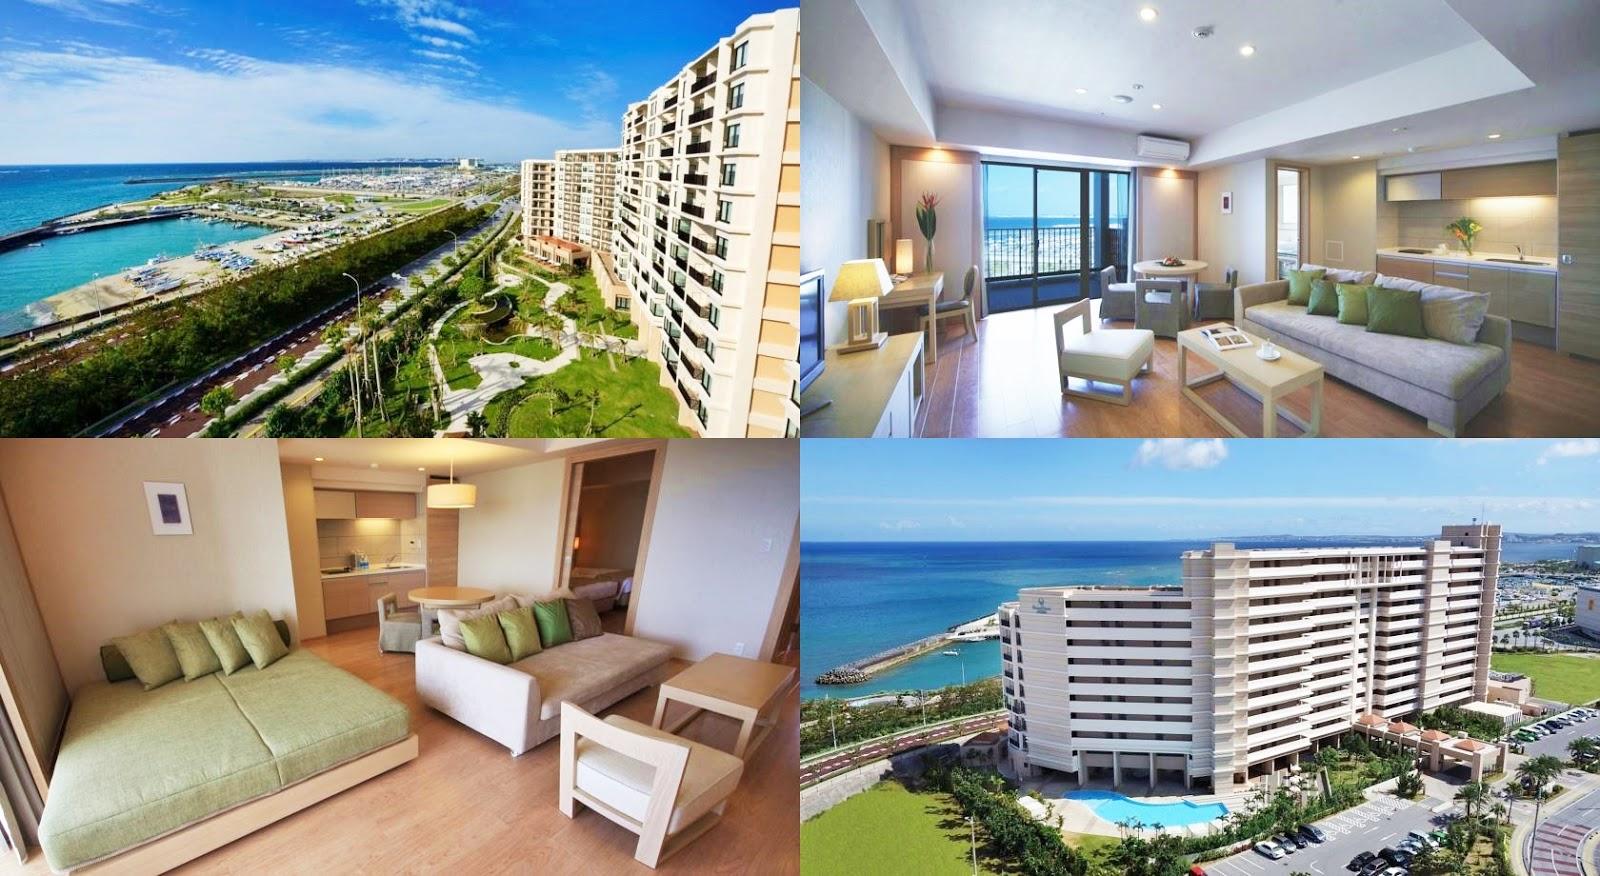 沖繩-住宿-推薦-飯店-旅館-民宿-公寓-月球海洋宜野灣公寓酒店-Moon-Ocean-Ginowan-Hotel&Residence-Okinawa-hotel-recommendation